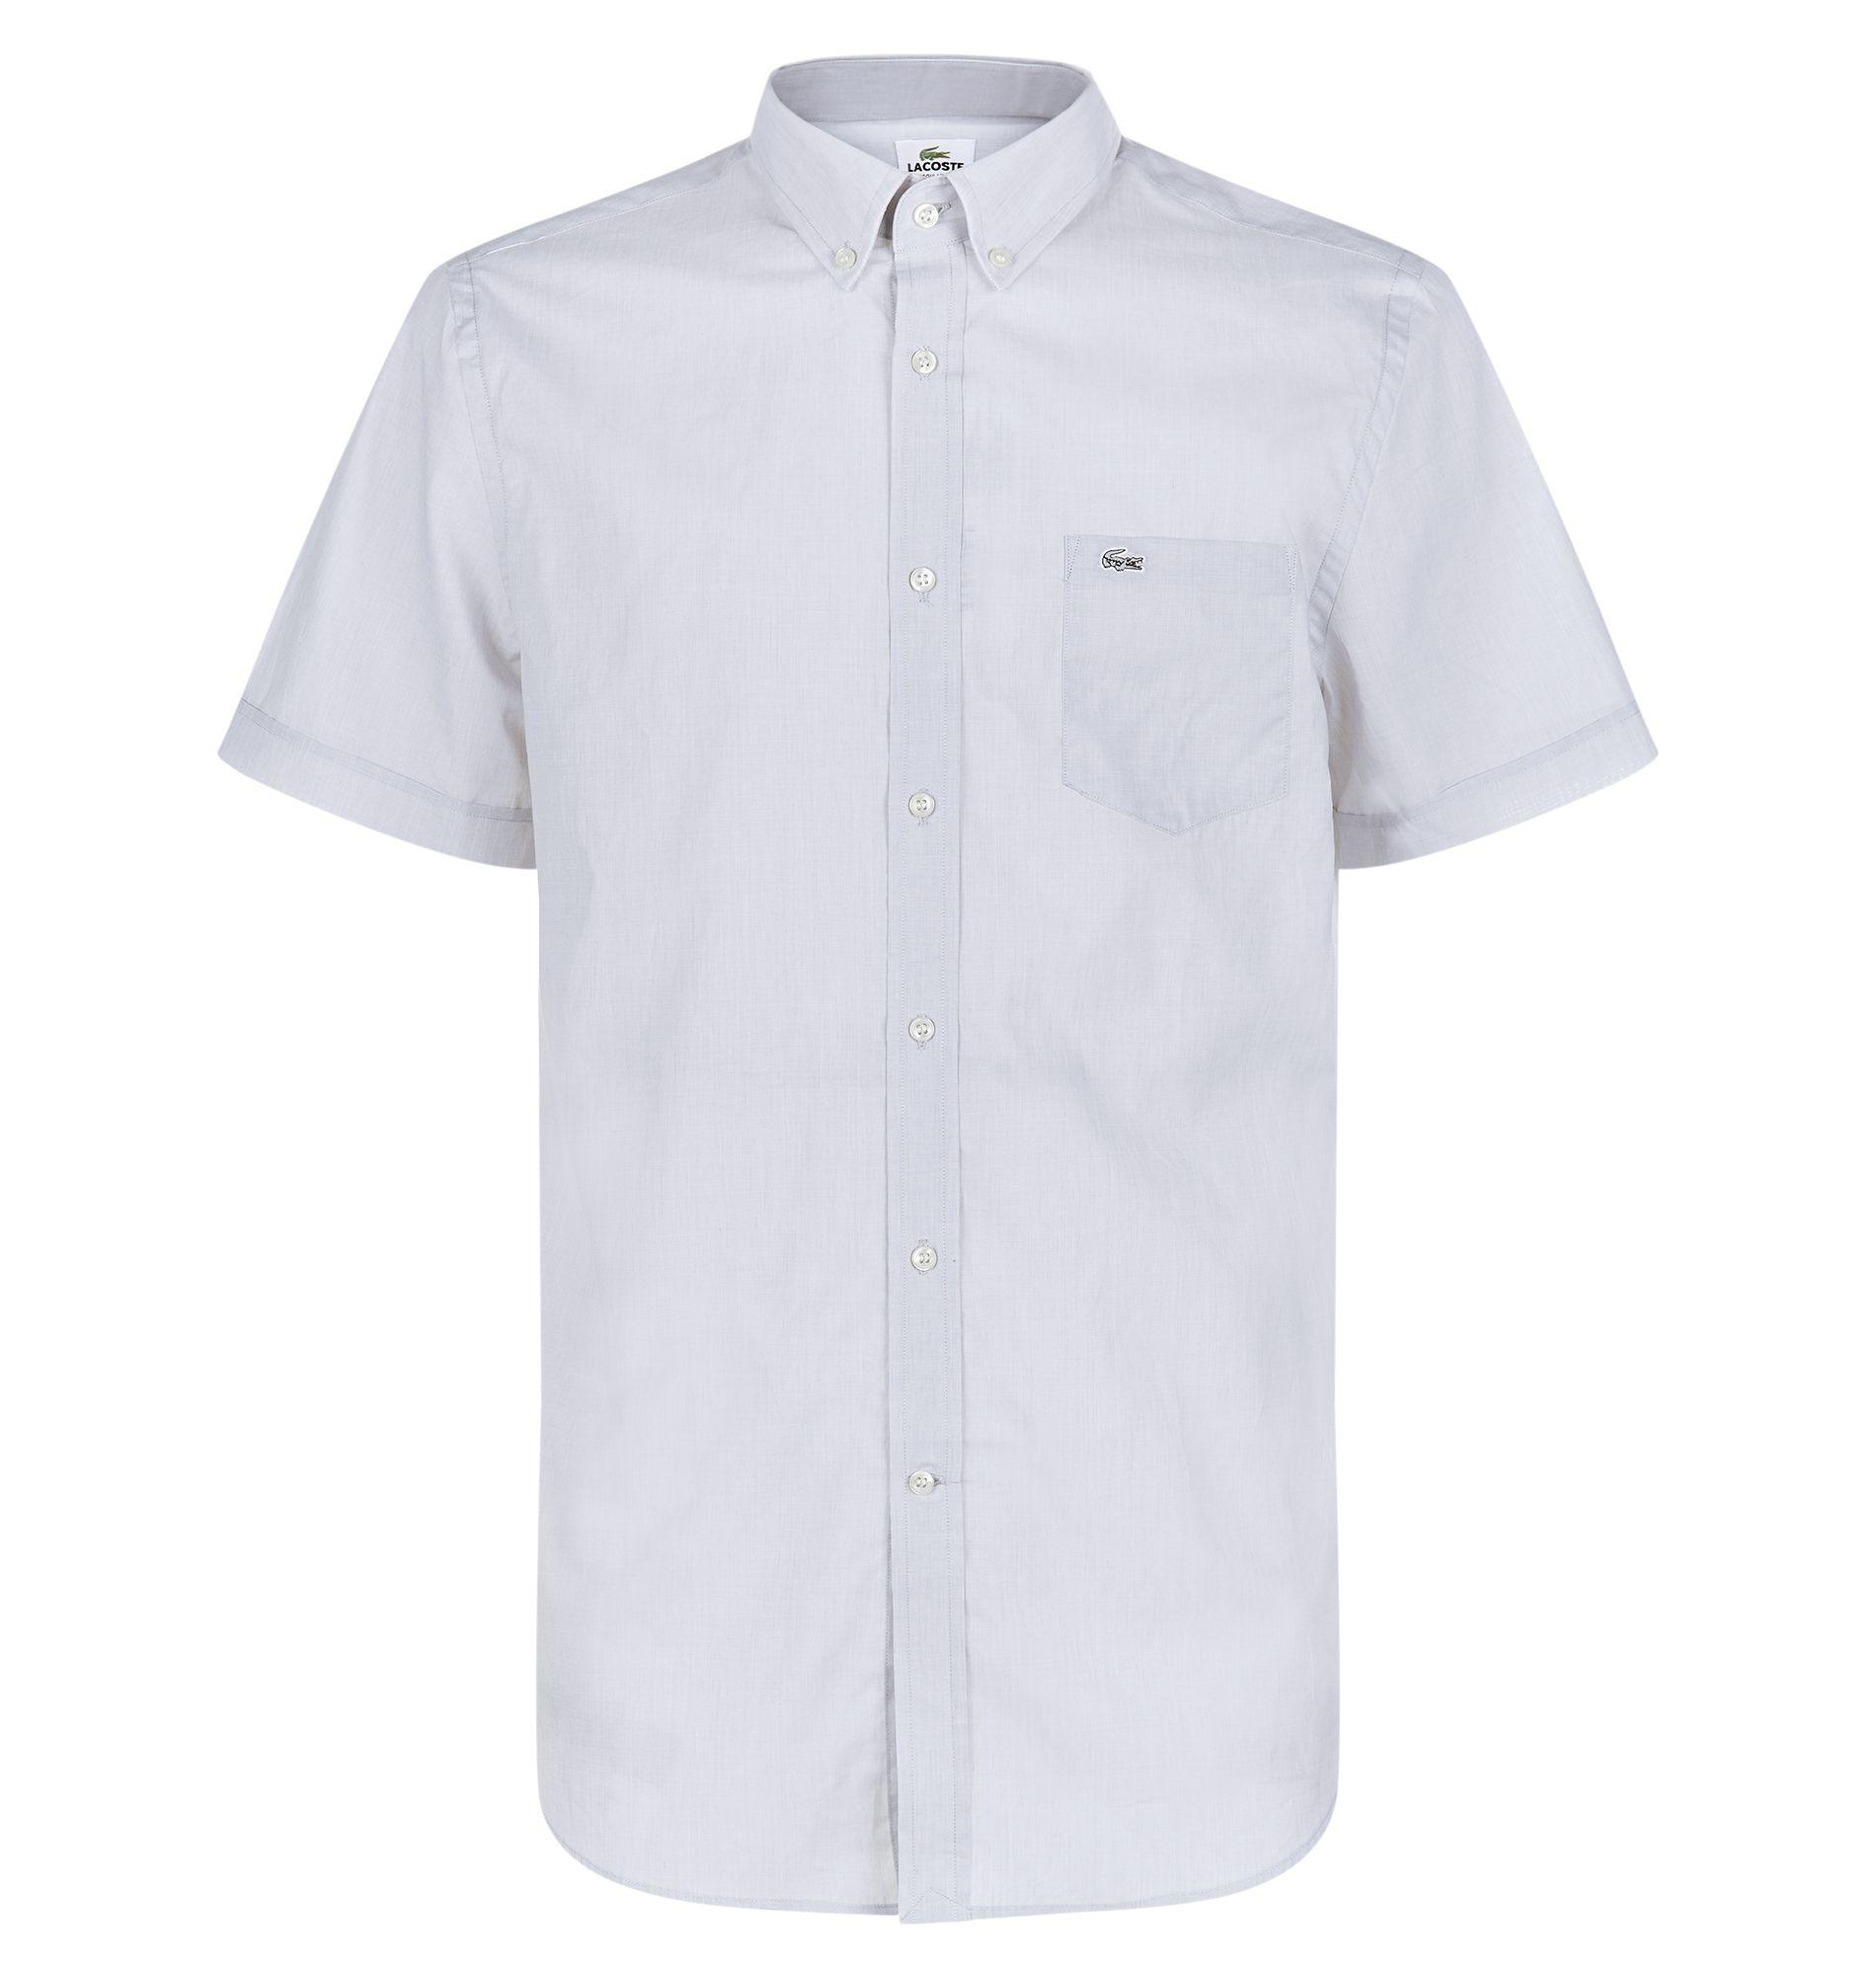 Shirt | Artee Shirt - Part 820